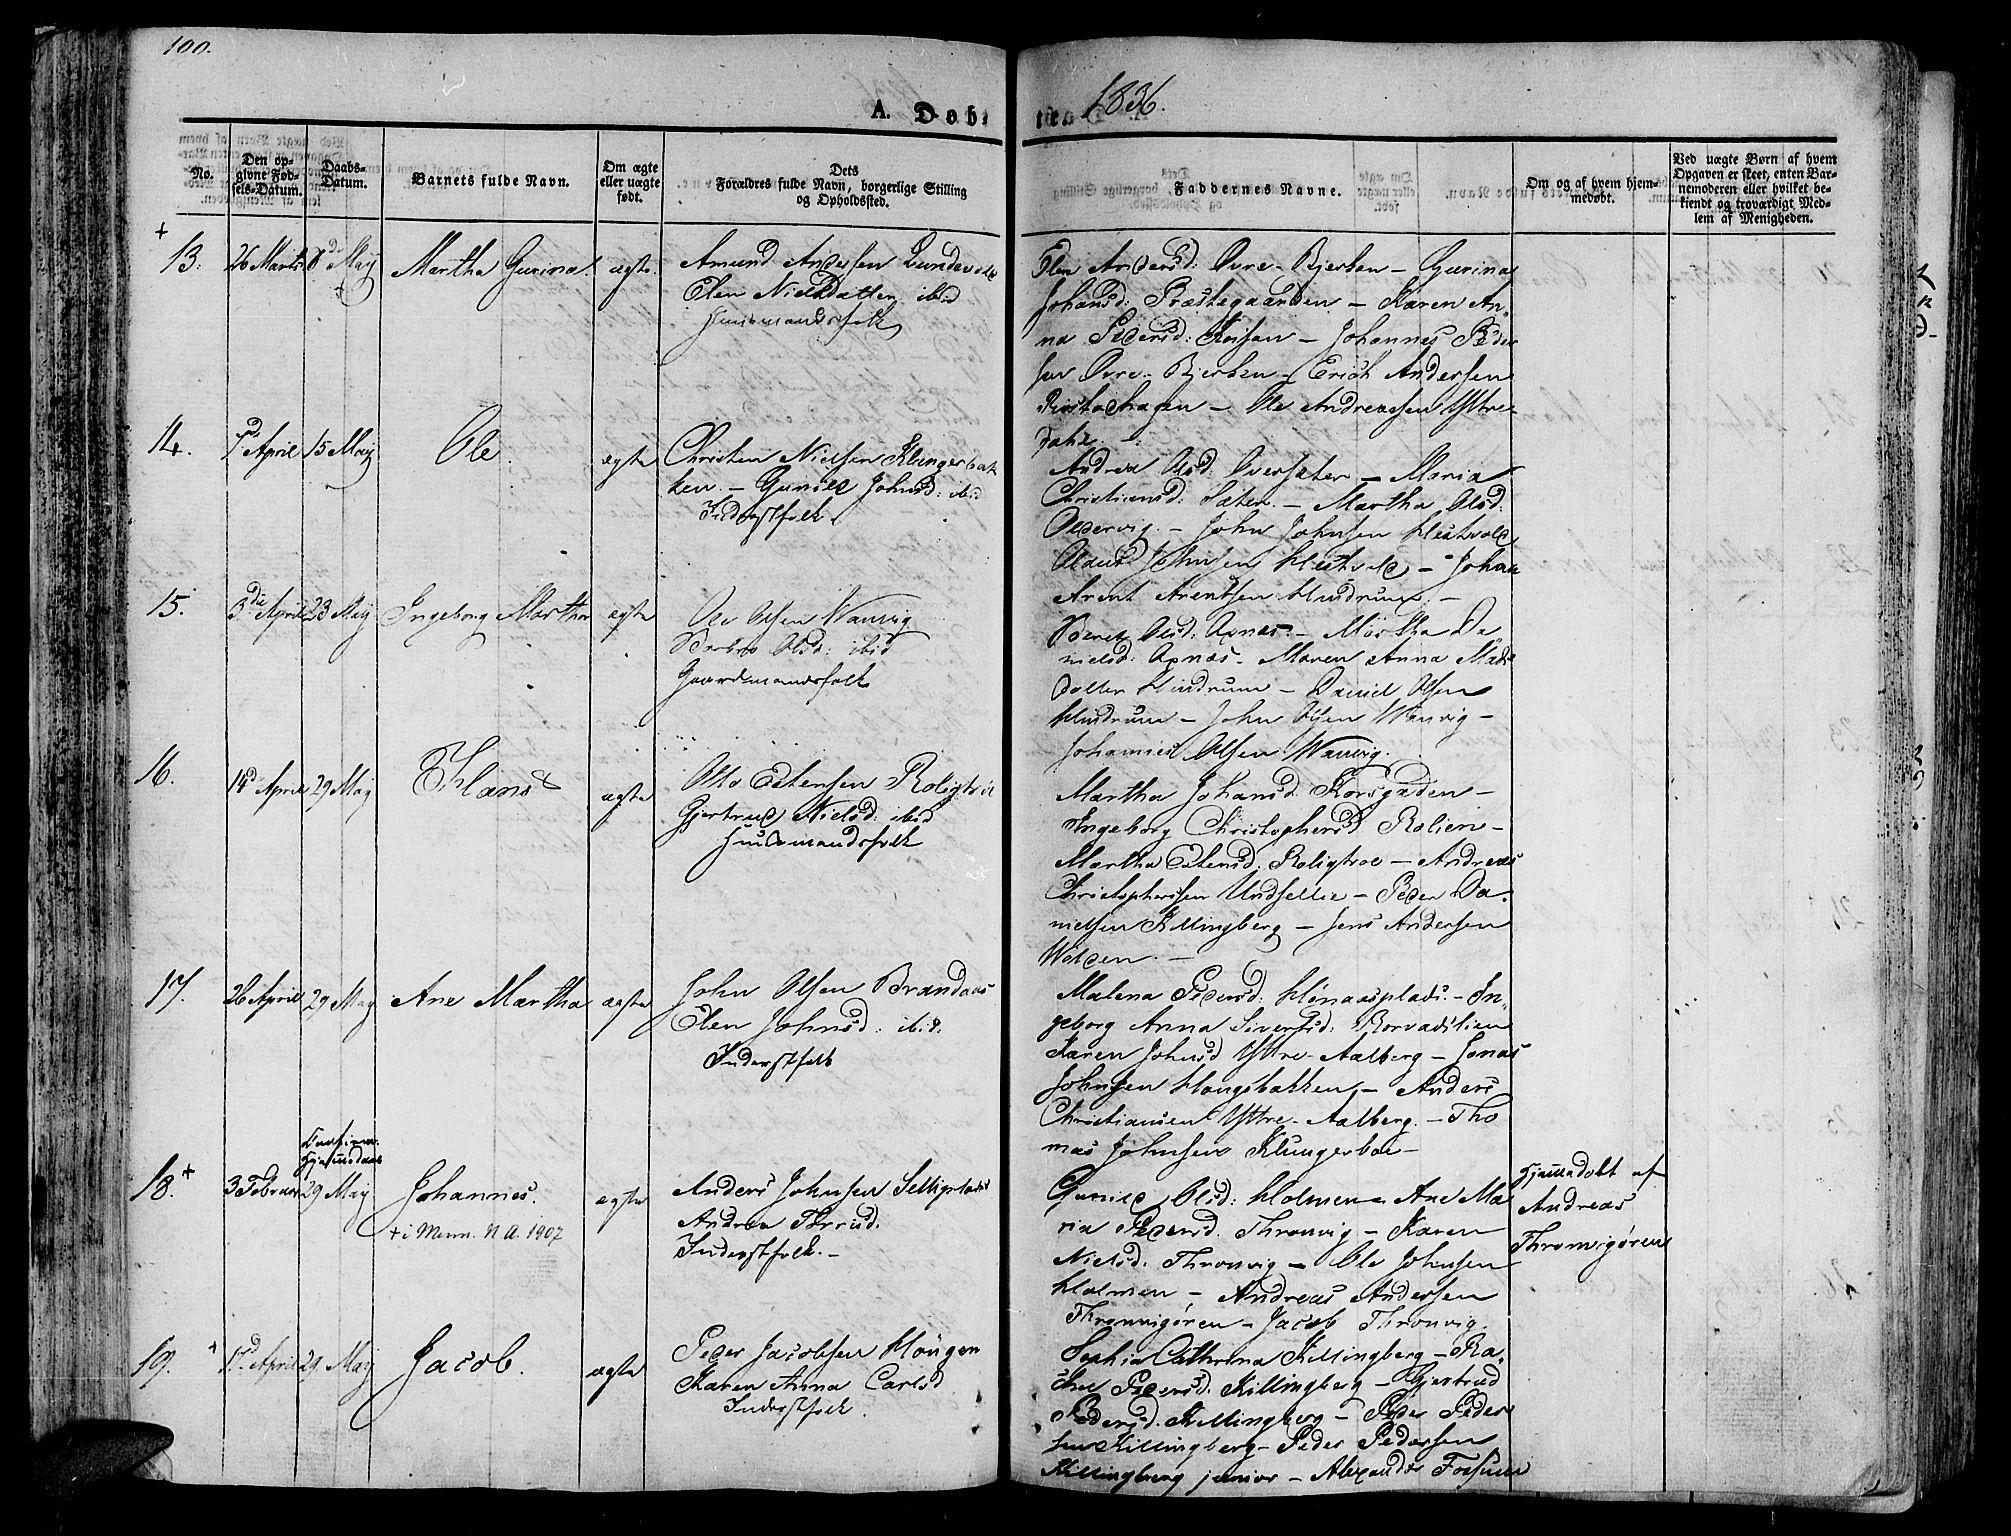 SAT, Ministerialprotokoller, klokkerbøker og fødselsregistre - Nord-Trøndelag, 701/L0006: Ministerialbok nr. 701A06, 1825-1841, s. 100